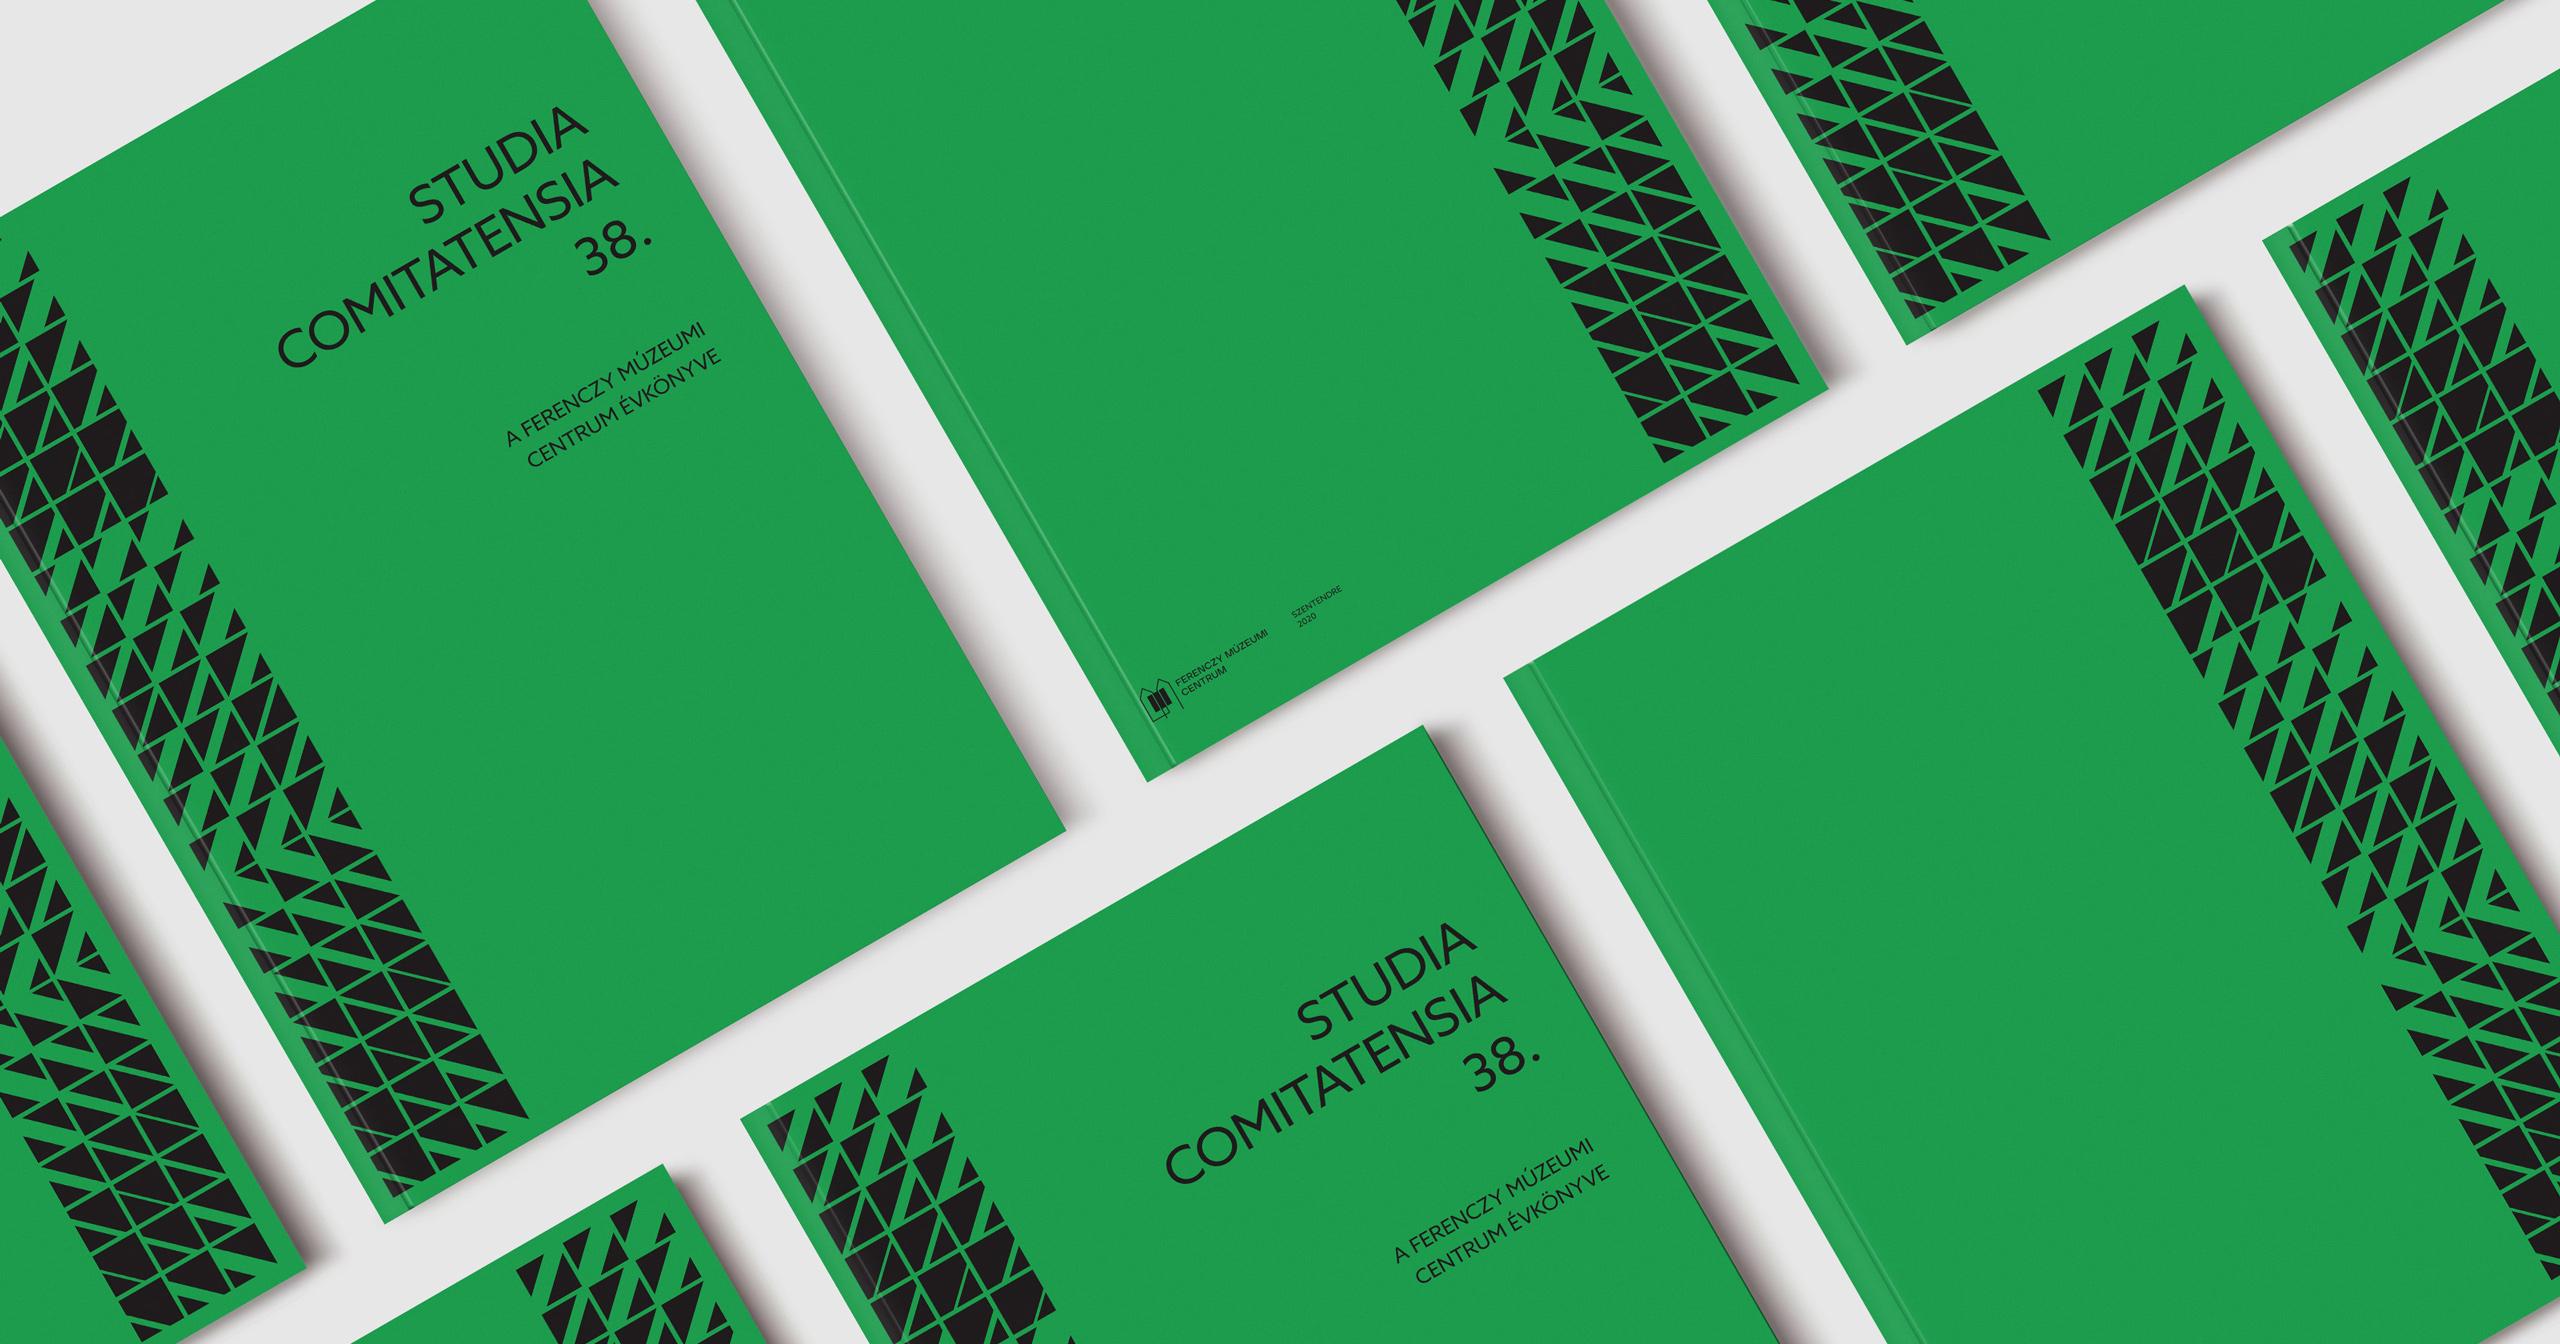 Megjelent a Ferenczy Múzeumi Centrum 2020-as évkönyve